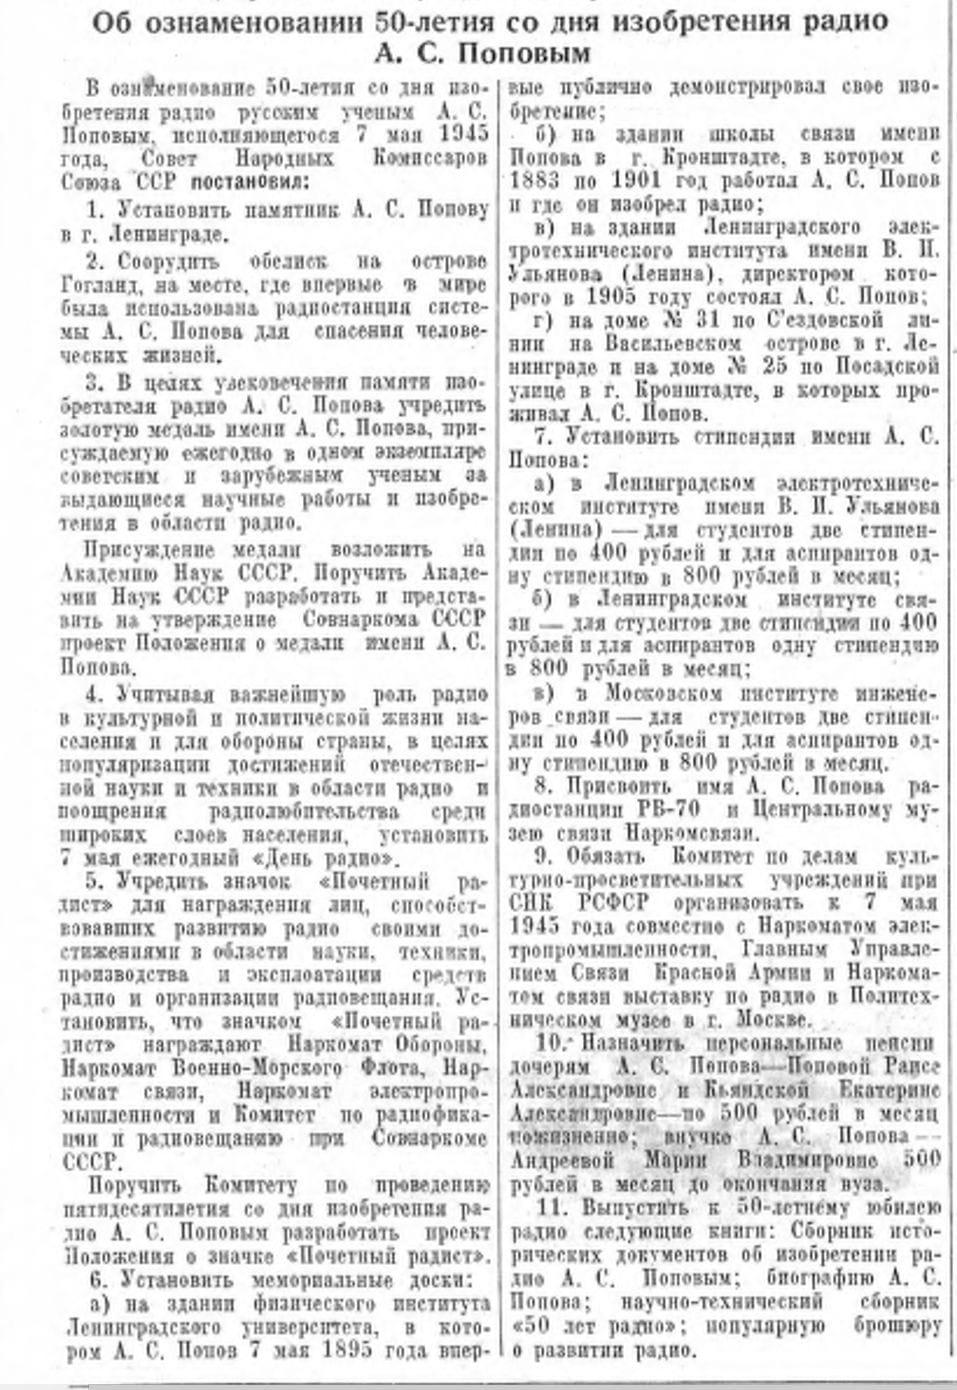 Об ознаменовании 50-летия со дня изобретения радио А.С. Поповым (Газета «Красный флот» от 04 мая 1945 года)